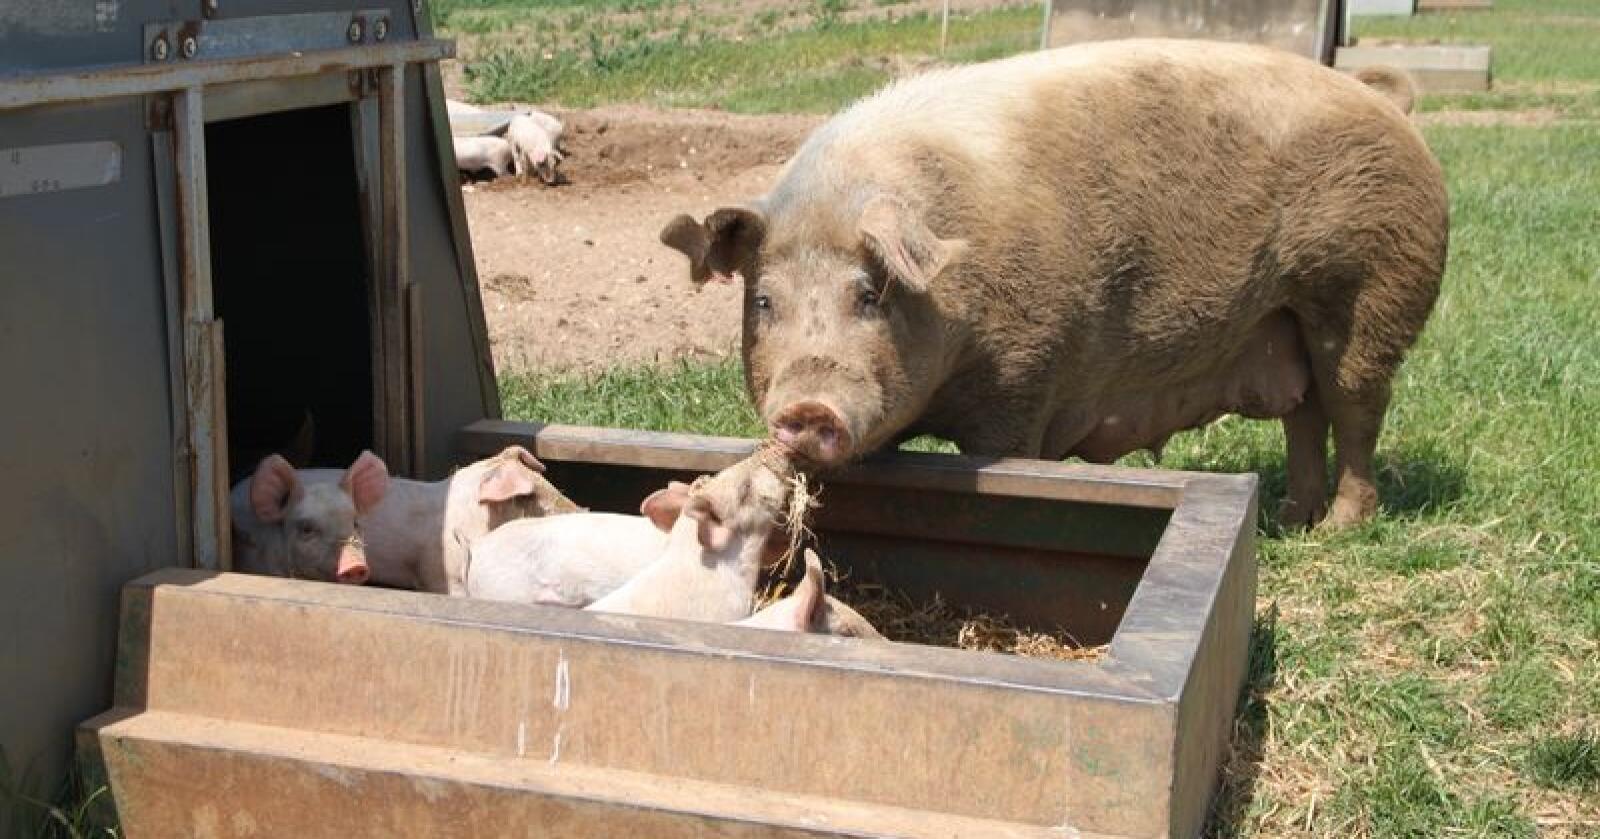 Kina er fra før Storbritannias største marked for eksport av svinekjøtt. Men etterspørselen etter griselabber, ellers svineføtter, er noe nytt. På bildet sees britisk frilandsgris. Illustrasjonsfoto: Øystein Heggdal/Norsk Landbruk